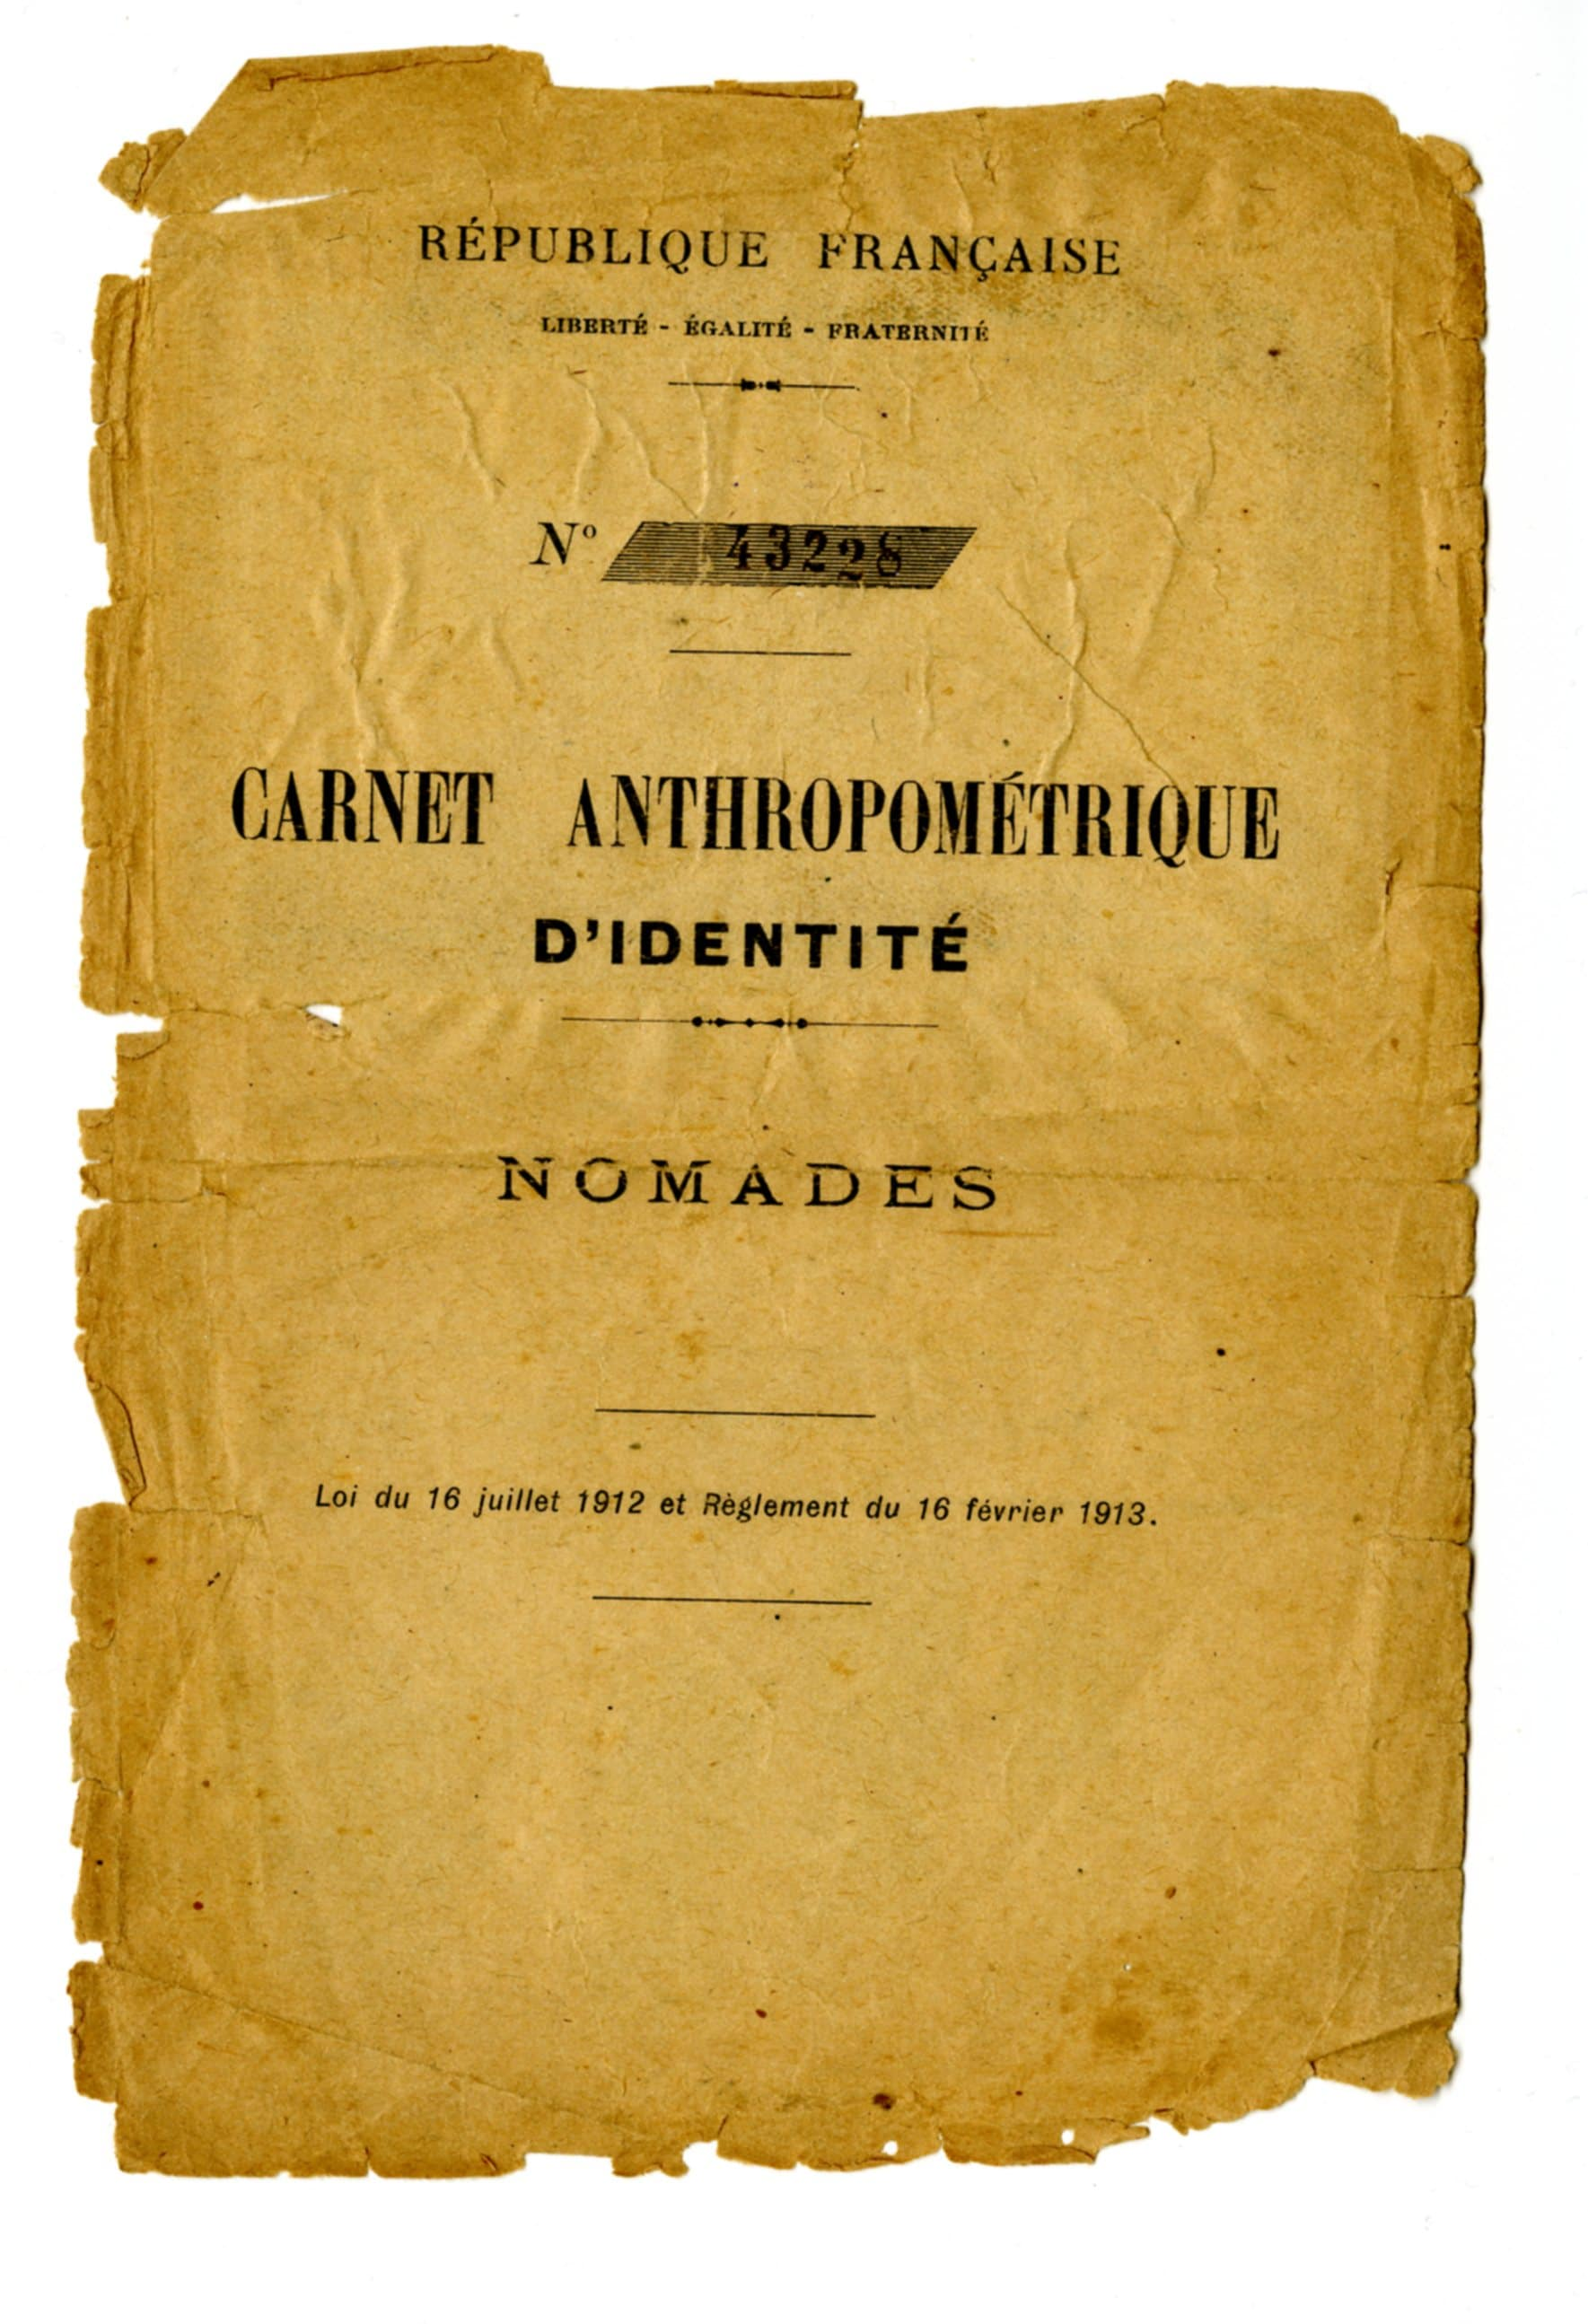 Le photographique chez Murdoch -Carnet anthropométrique d'identité - Nomades